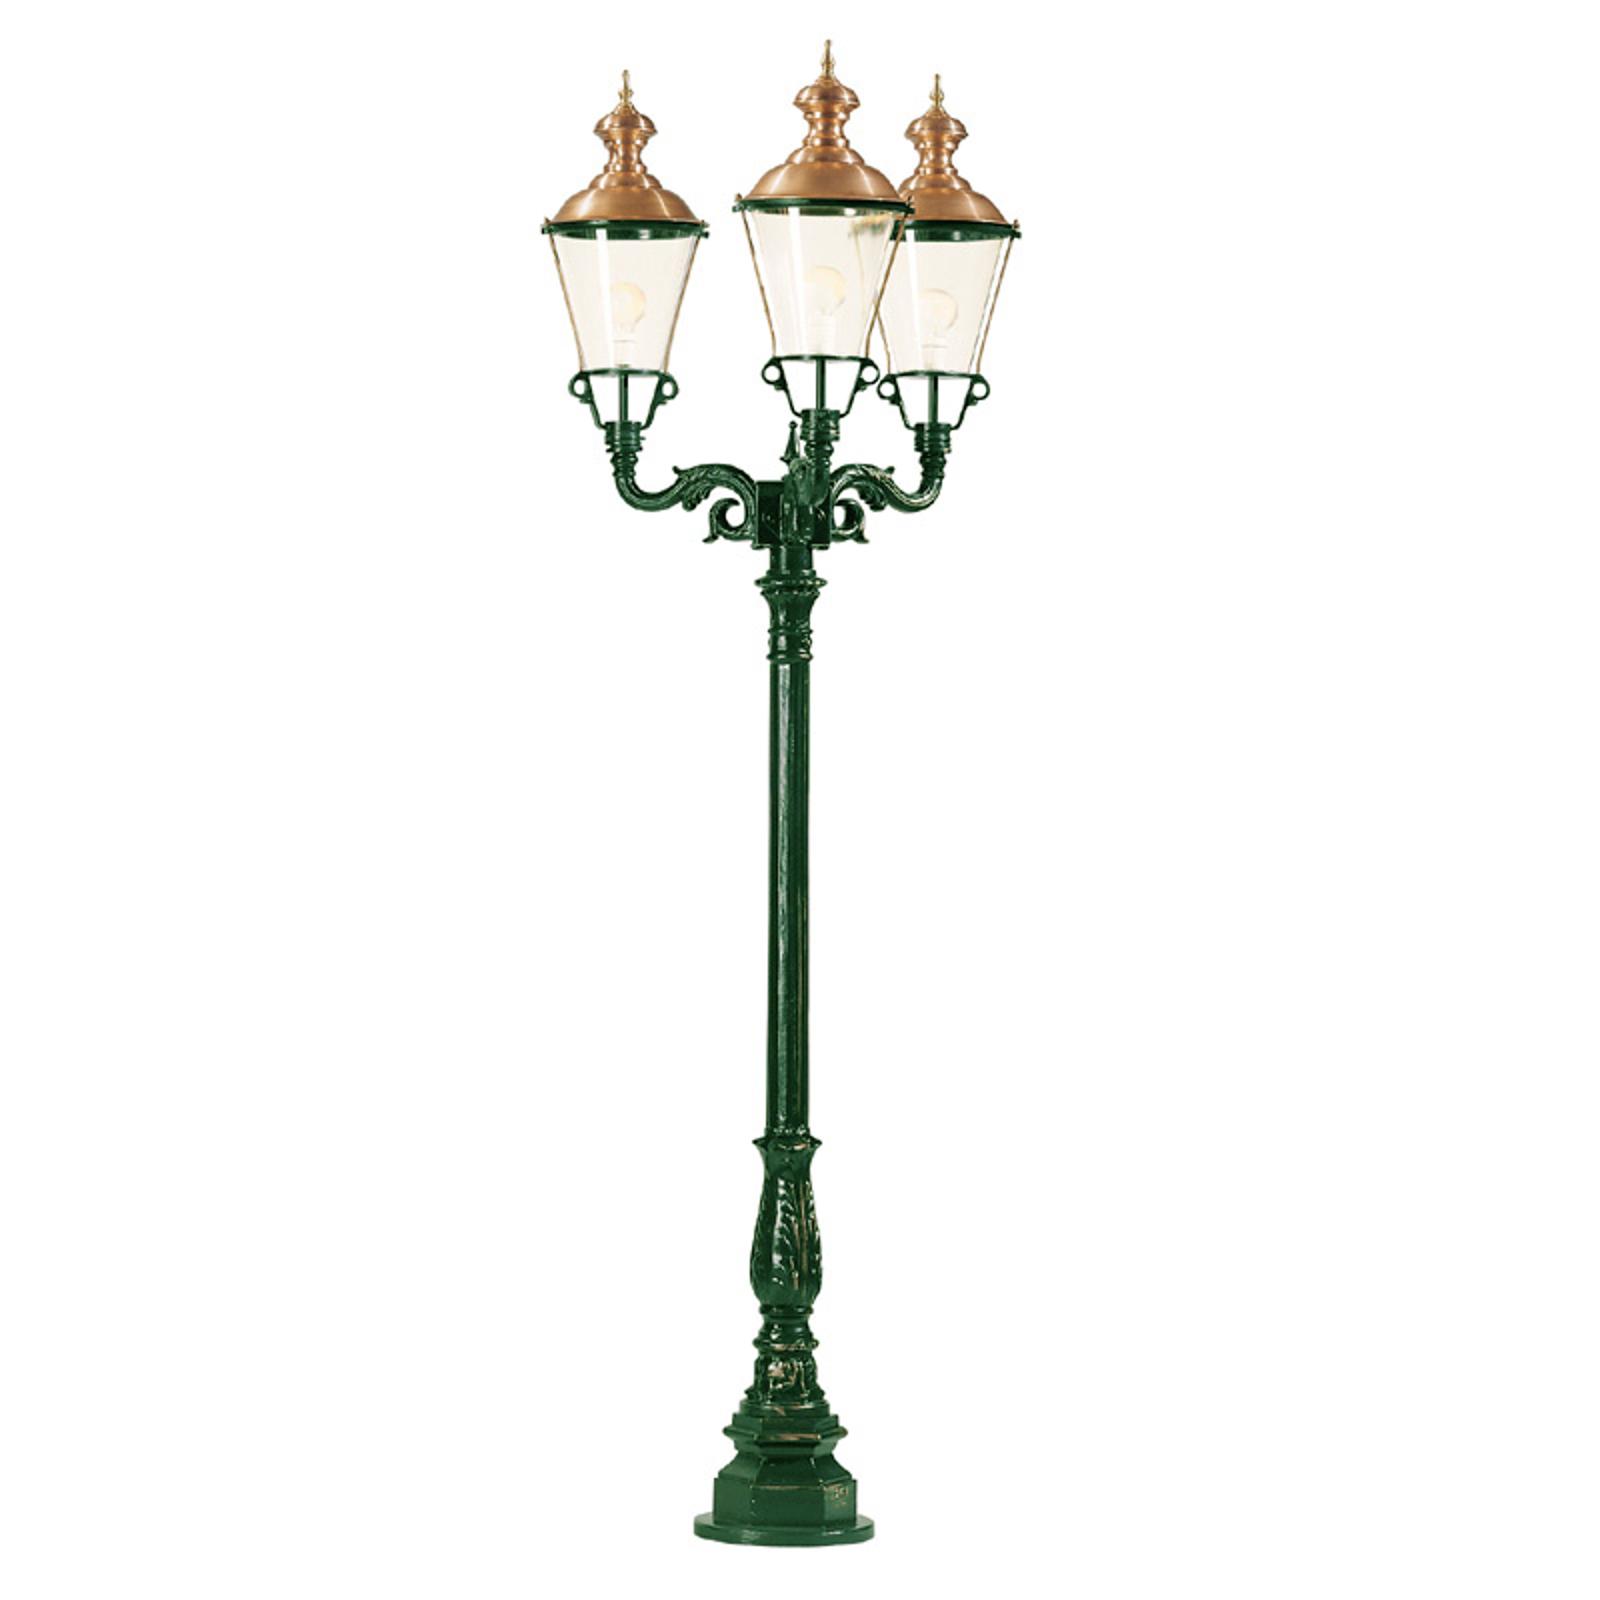 Grønn Parijs kandelaber med tre lys